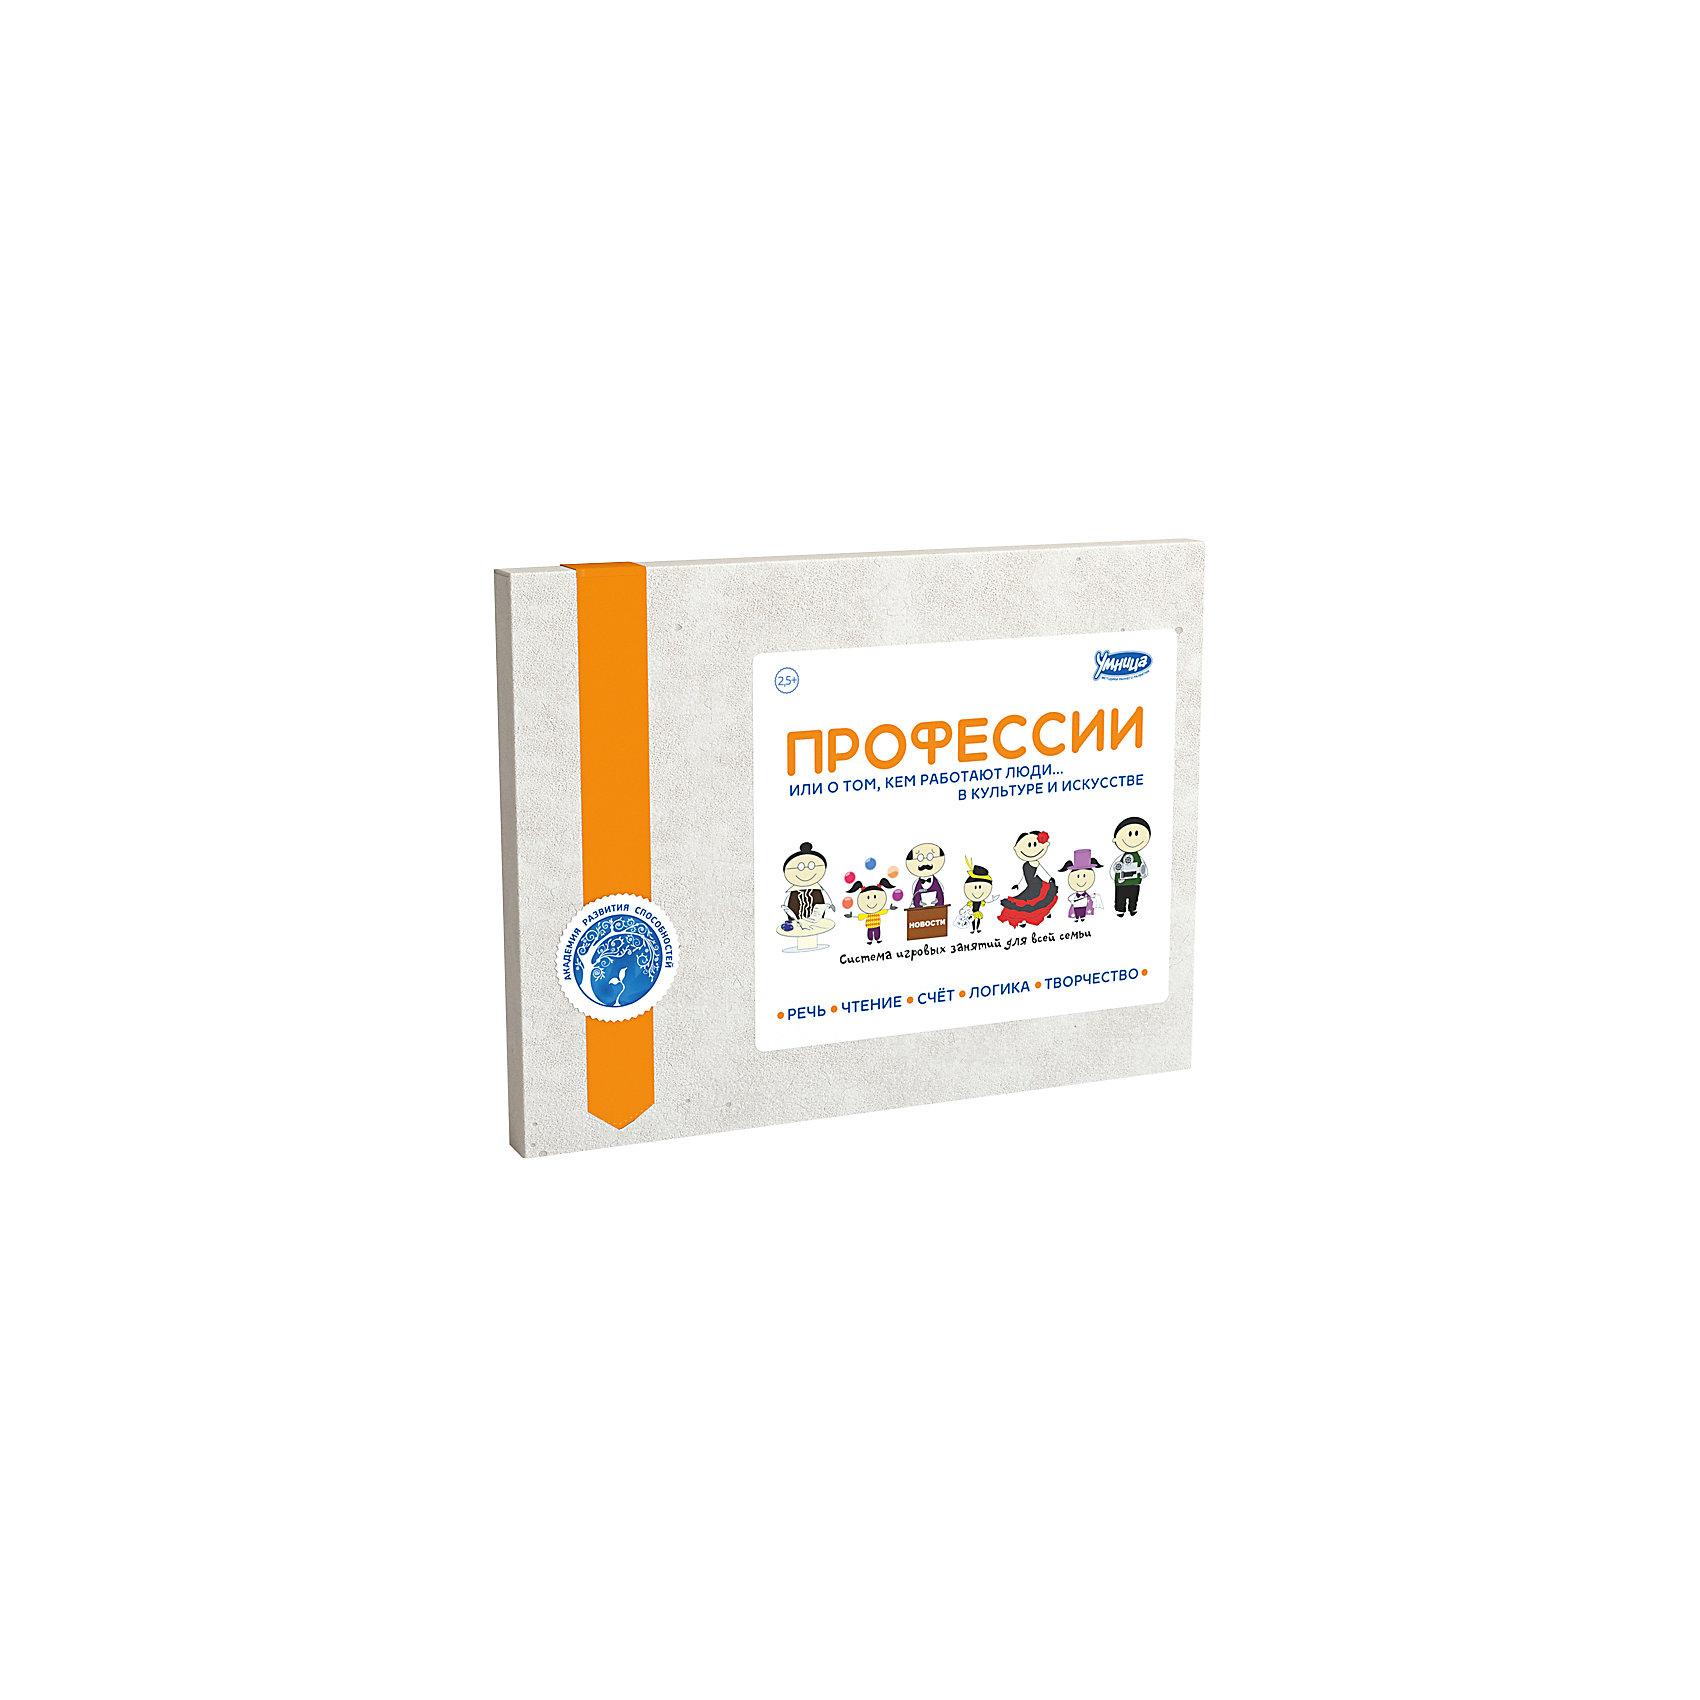 Настольная игра Профессии: ОбразованиеМетодики раннего развития<br>Характеристики:<br><br>• Вид игр: обучающие, развивающие<br>• Серия: Развивающие книги<br>• Материал: картон, бумага<br>• Комплектация: 3 книги о профессиях, набор карточек с буквами и цифрами, комплект игровых фишек<br>• Тип упаковки: картонная коробка<br>• Размеры упаковки (Д*Ш*В): 30,5*23,5*28 см<br>• Вес в упаковке: 1 кг 240 г<br><br>Книга Профессии: Образование состоит из 3 книжек, в которых приведено описание рода занятий людей, занятых в сфере образования. Каждая профессия сопровождается иллюстративным материалом и текстами. Текстовая часть приведена в сжатой форме и адаптирована для детей дошкольного возраста. Дополнительно в комплекте предусмотрены рекомендации для родителей. <br><br>Книга Профессии: Образование выполнена по типу комплексной методики: она содержит в себе не только обучающий материал (порядка 100 занятий), но и задания для закрепления пройденного материала. Занятия с данной книгой позволят расширить словарный запас слов, обогатить кругозор вашего ребенка и повысить уровень его эрудиции.<br><br>Книгу Профессии: Образование можно купить в нашем интернет-магазине.<br><br>Ширина мм: 305<br>Глубина мм: 235<br>Высота мм: 280<br>Вес г: 1240<br>Возраст от месяцев: 36<br>Возраст до месяцев: 2147483647<br>Пол: Унисекс<br>Возраст: Детский<br>SKU: 5523178